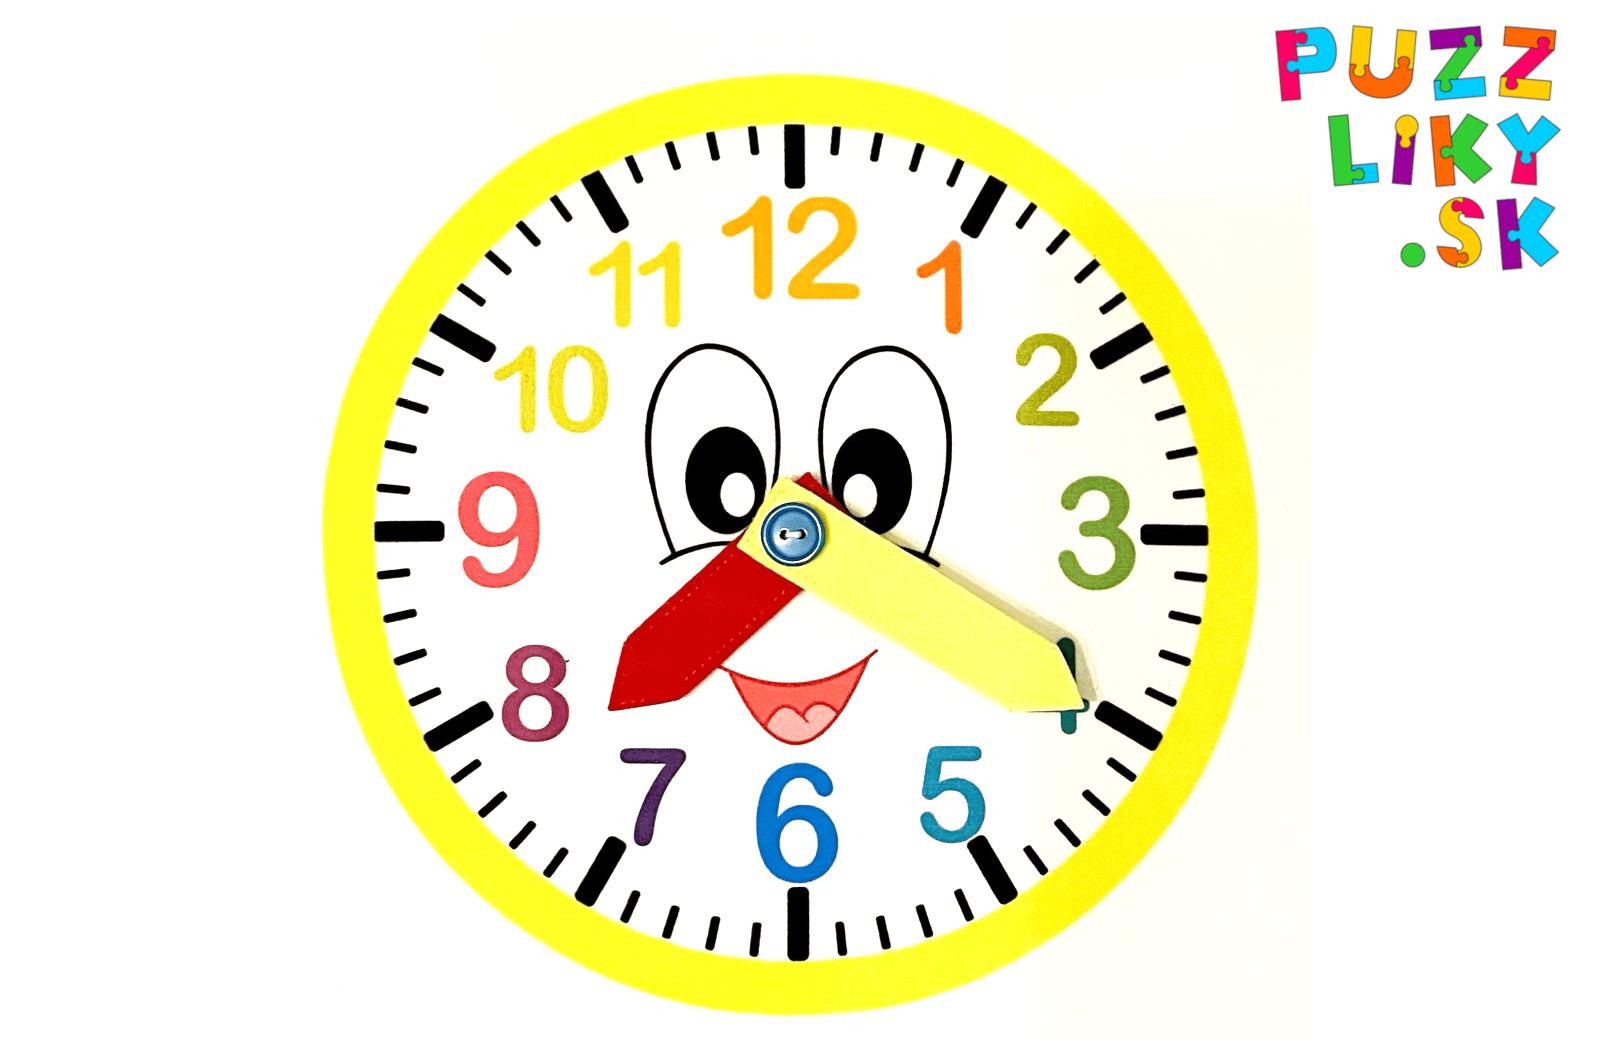 Šijeme hodiny s pohyblivými ručičkami